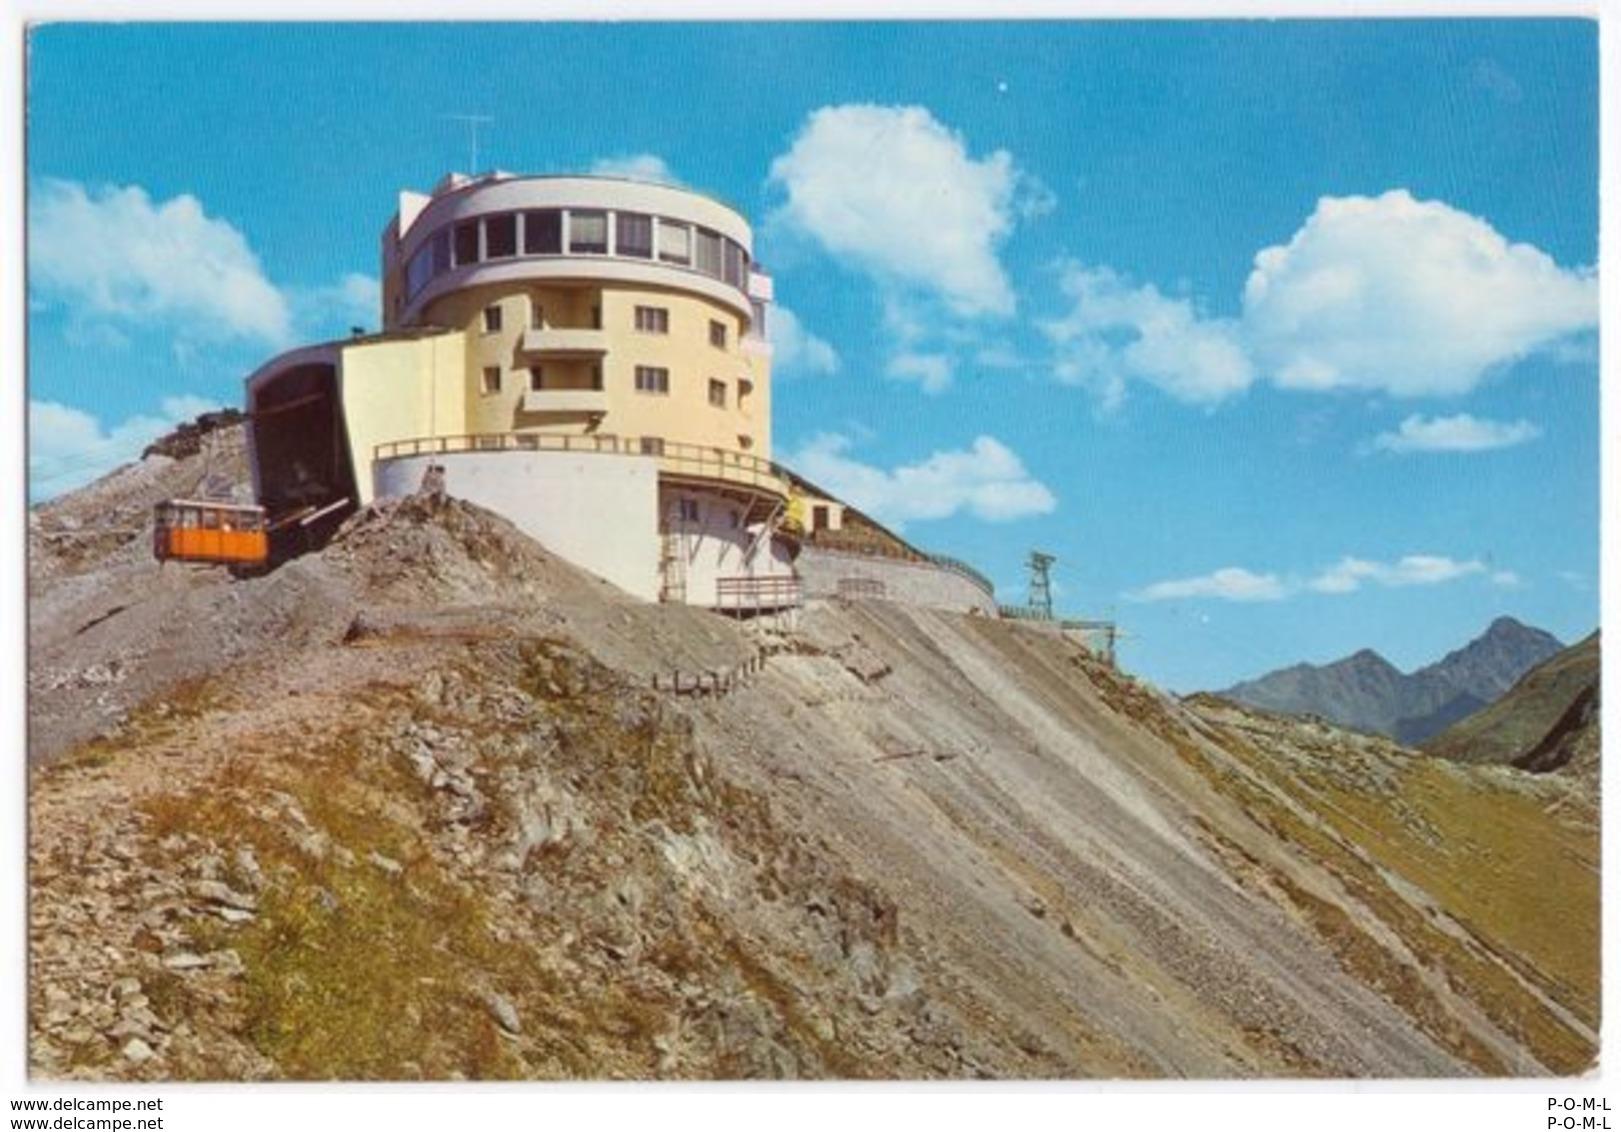 Davos, Berghotel Jakobshorn Mit Seilbahn - GR Grisons